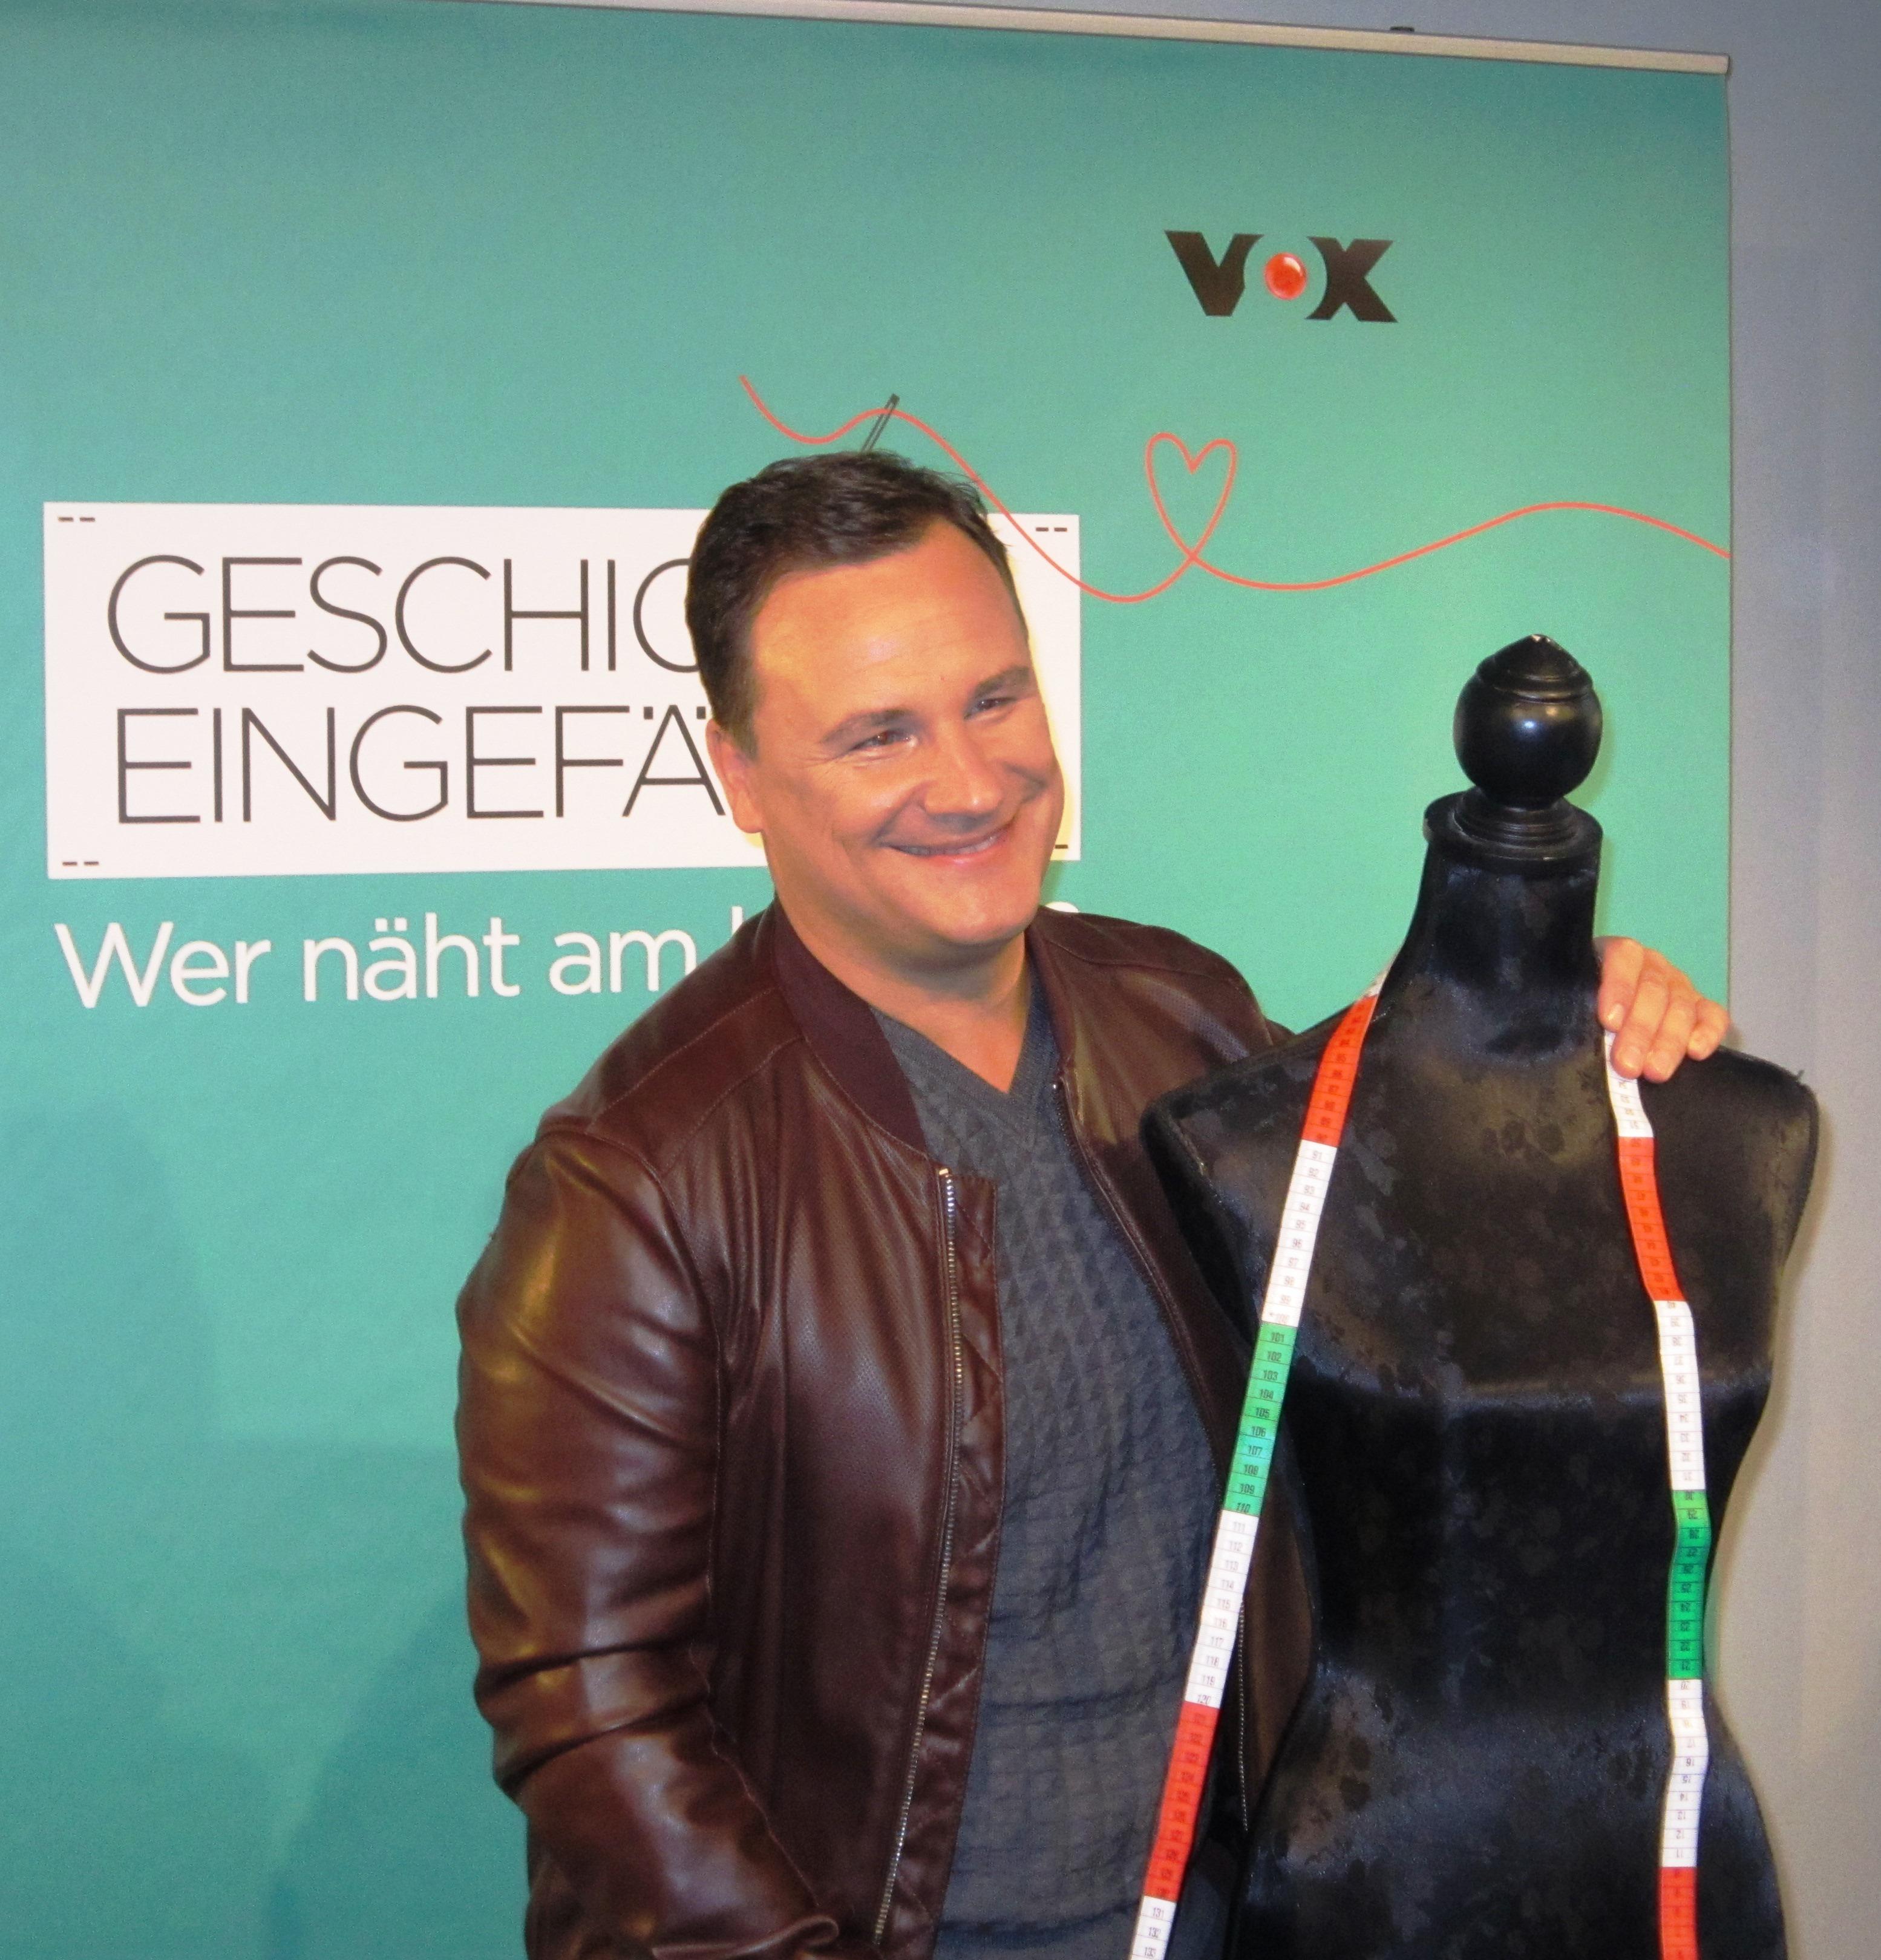 Pressekonferenz Geschickt eingefaedelt Guido Maria Kretschmer I